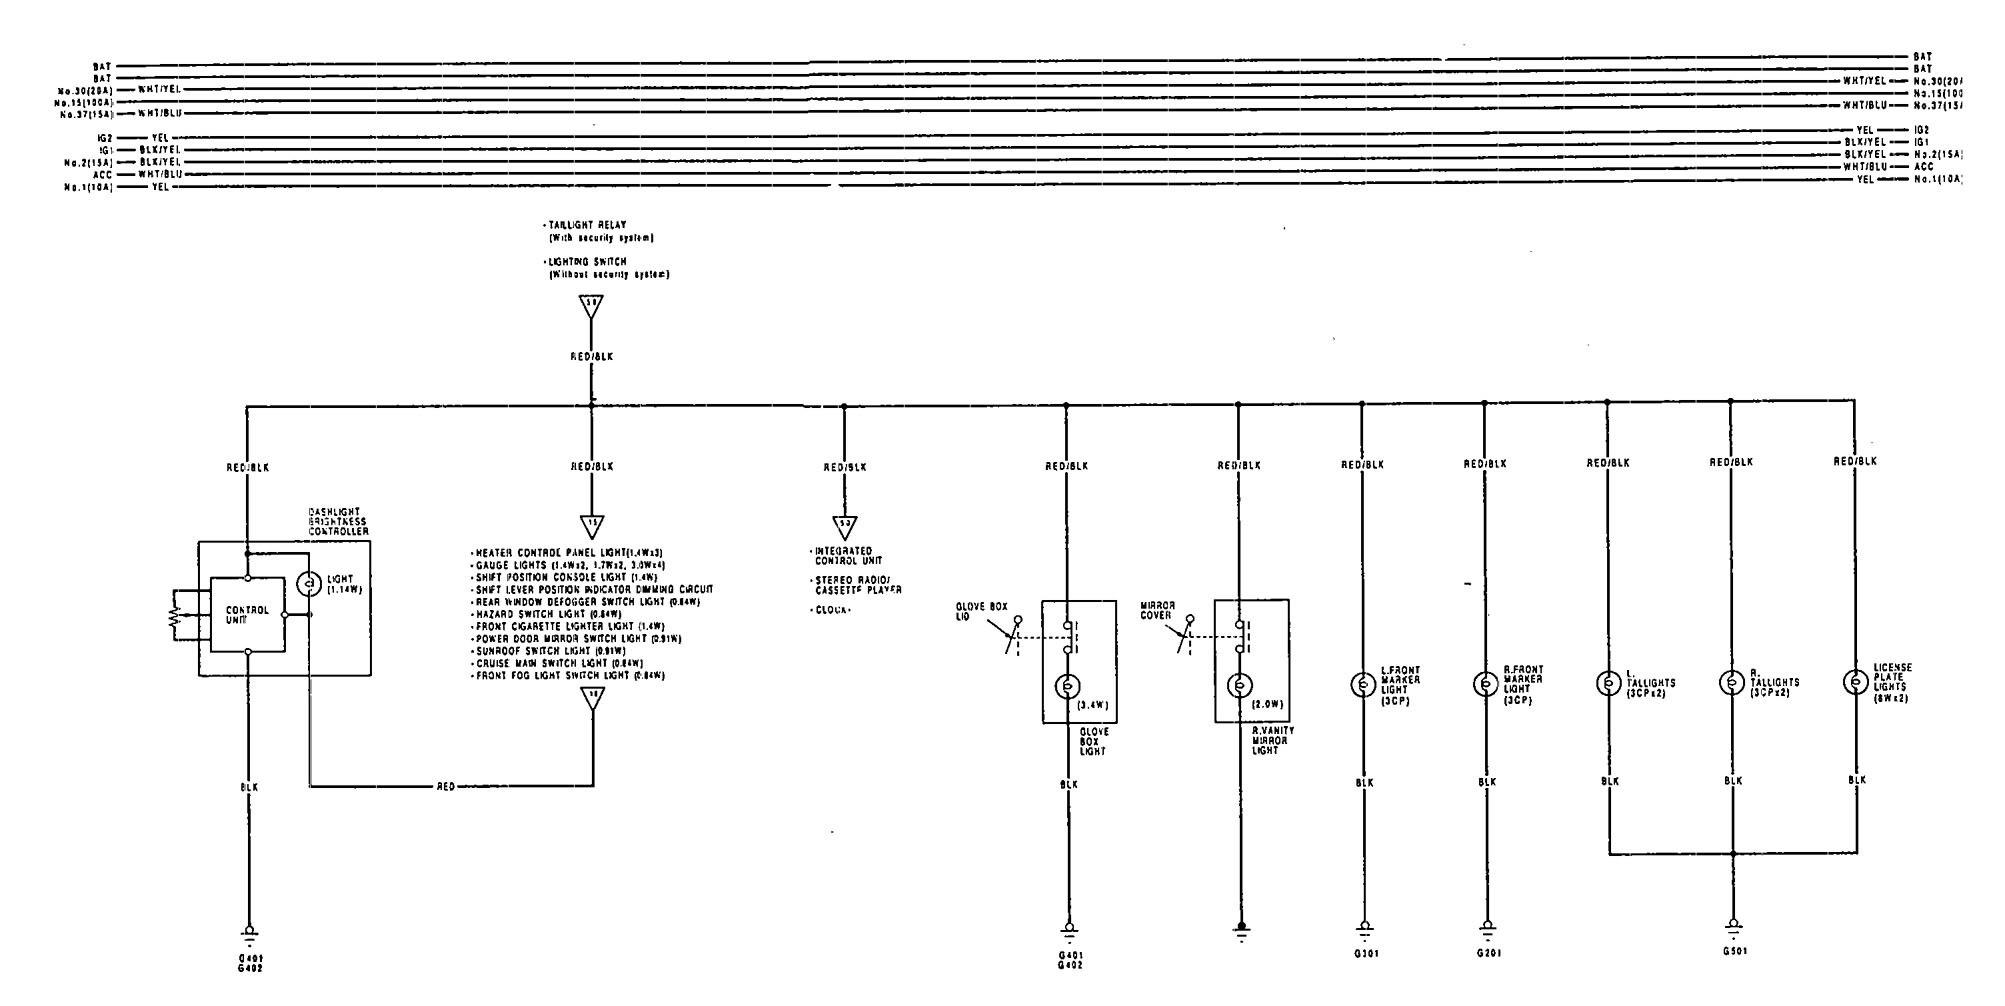 1992 acura vigor fuse diagram acura vigor  1992 1993  wiring diagrams vanity mirror lamp  acura vigor  1992 1993  wiring